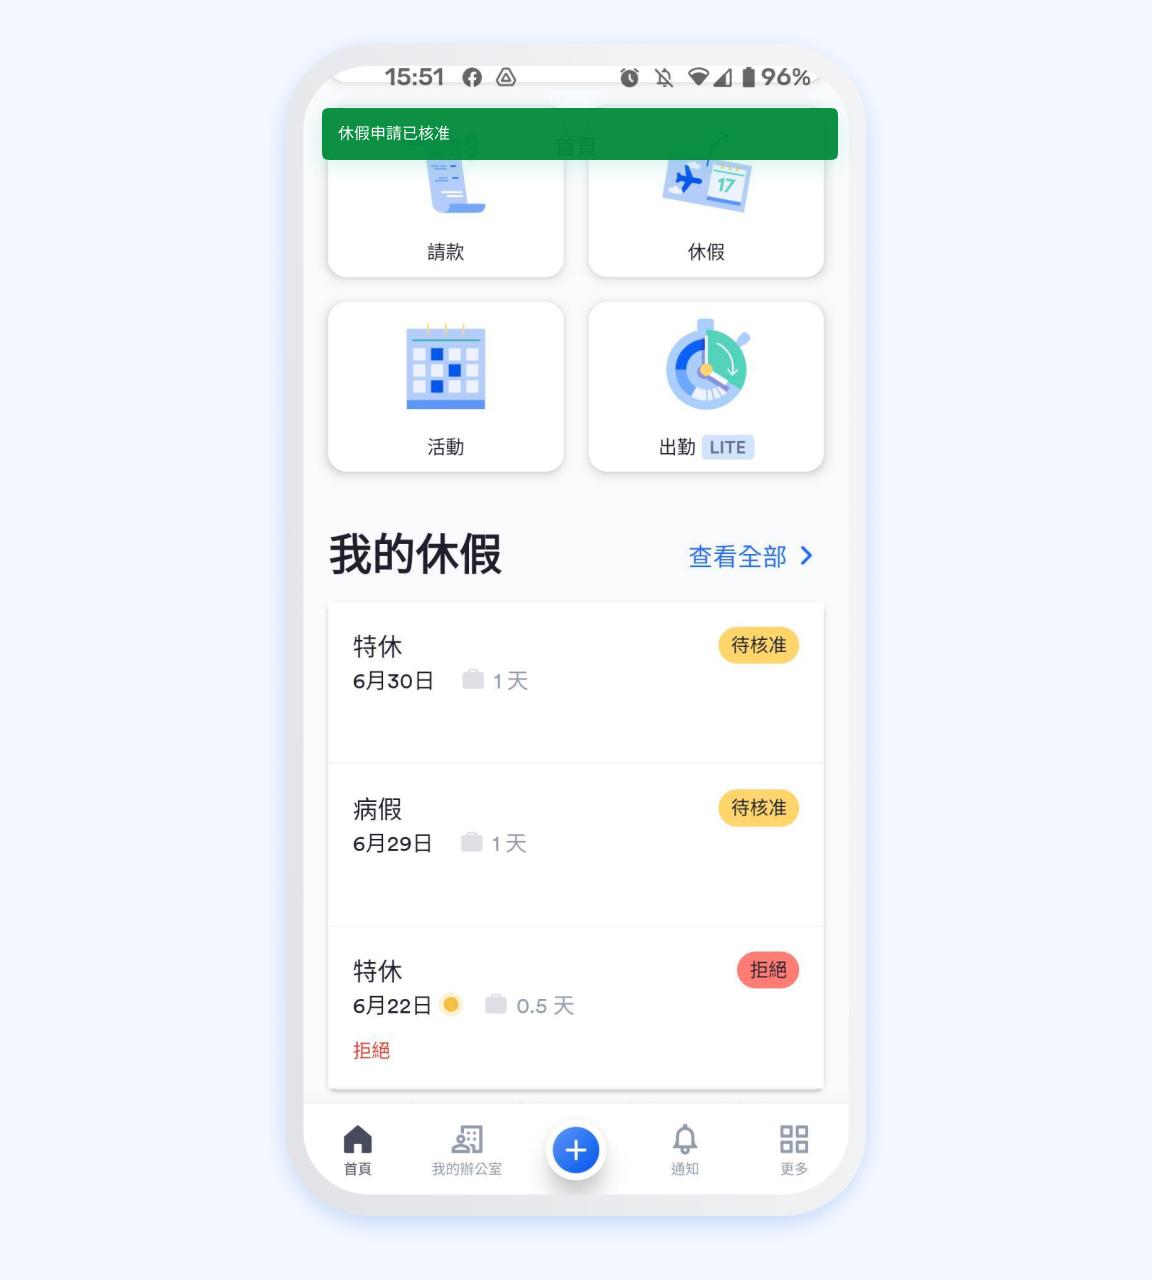 Swingvy雲端人資系統的手機App能夠即時推播,請款、請假訊息輕鬆收。